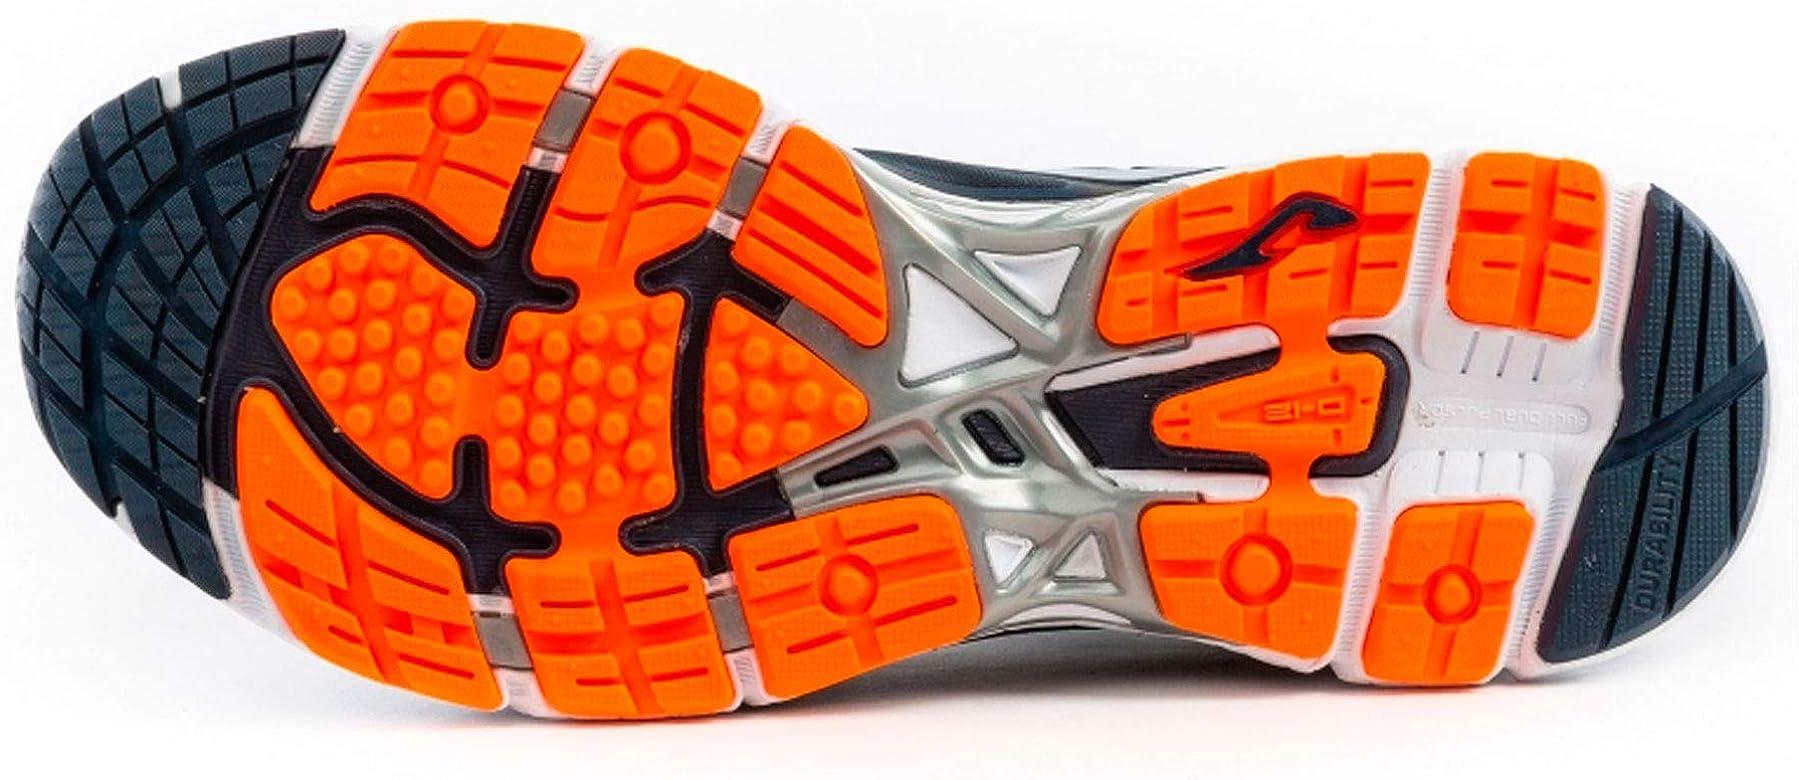 Joma Hispalis Zapatillas Running para Hombre (41 EU, Azul): Amazon.es: Zapatos y complementos